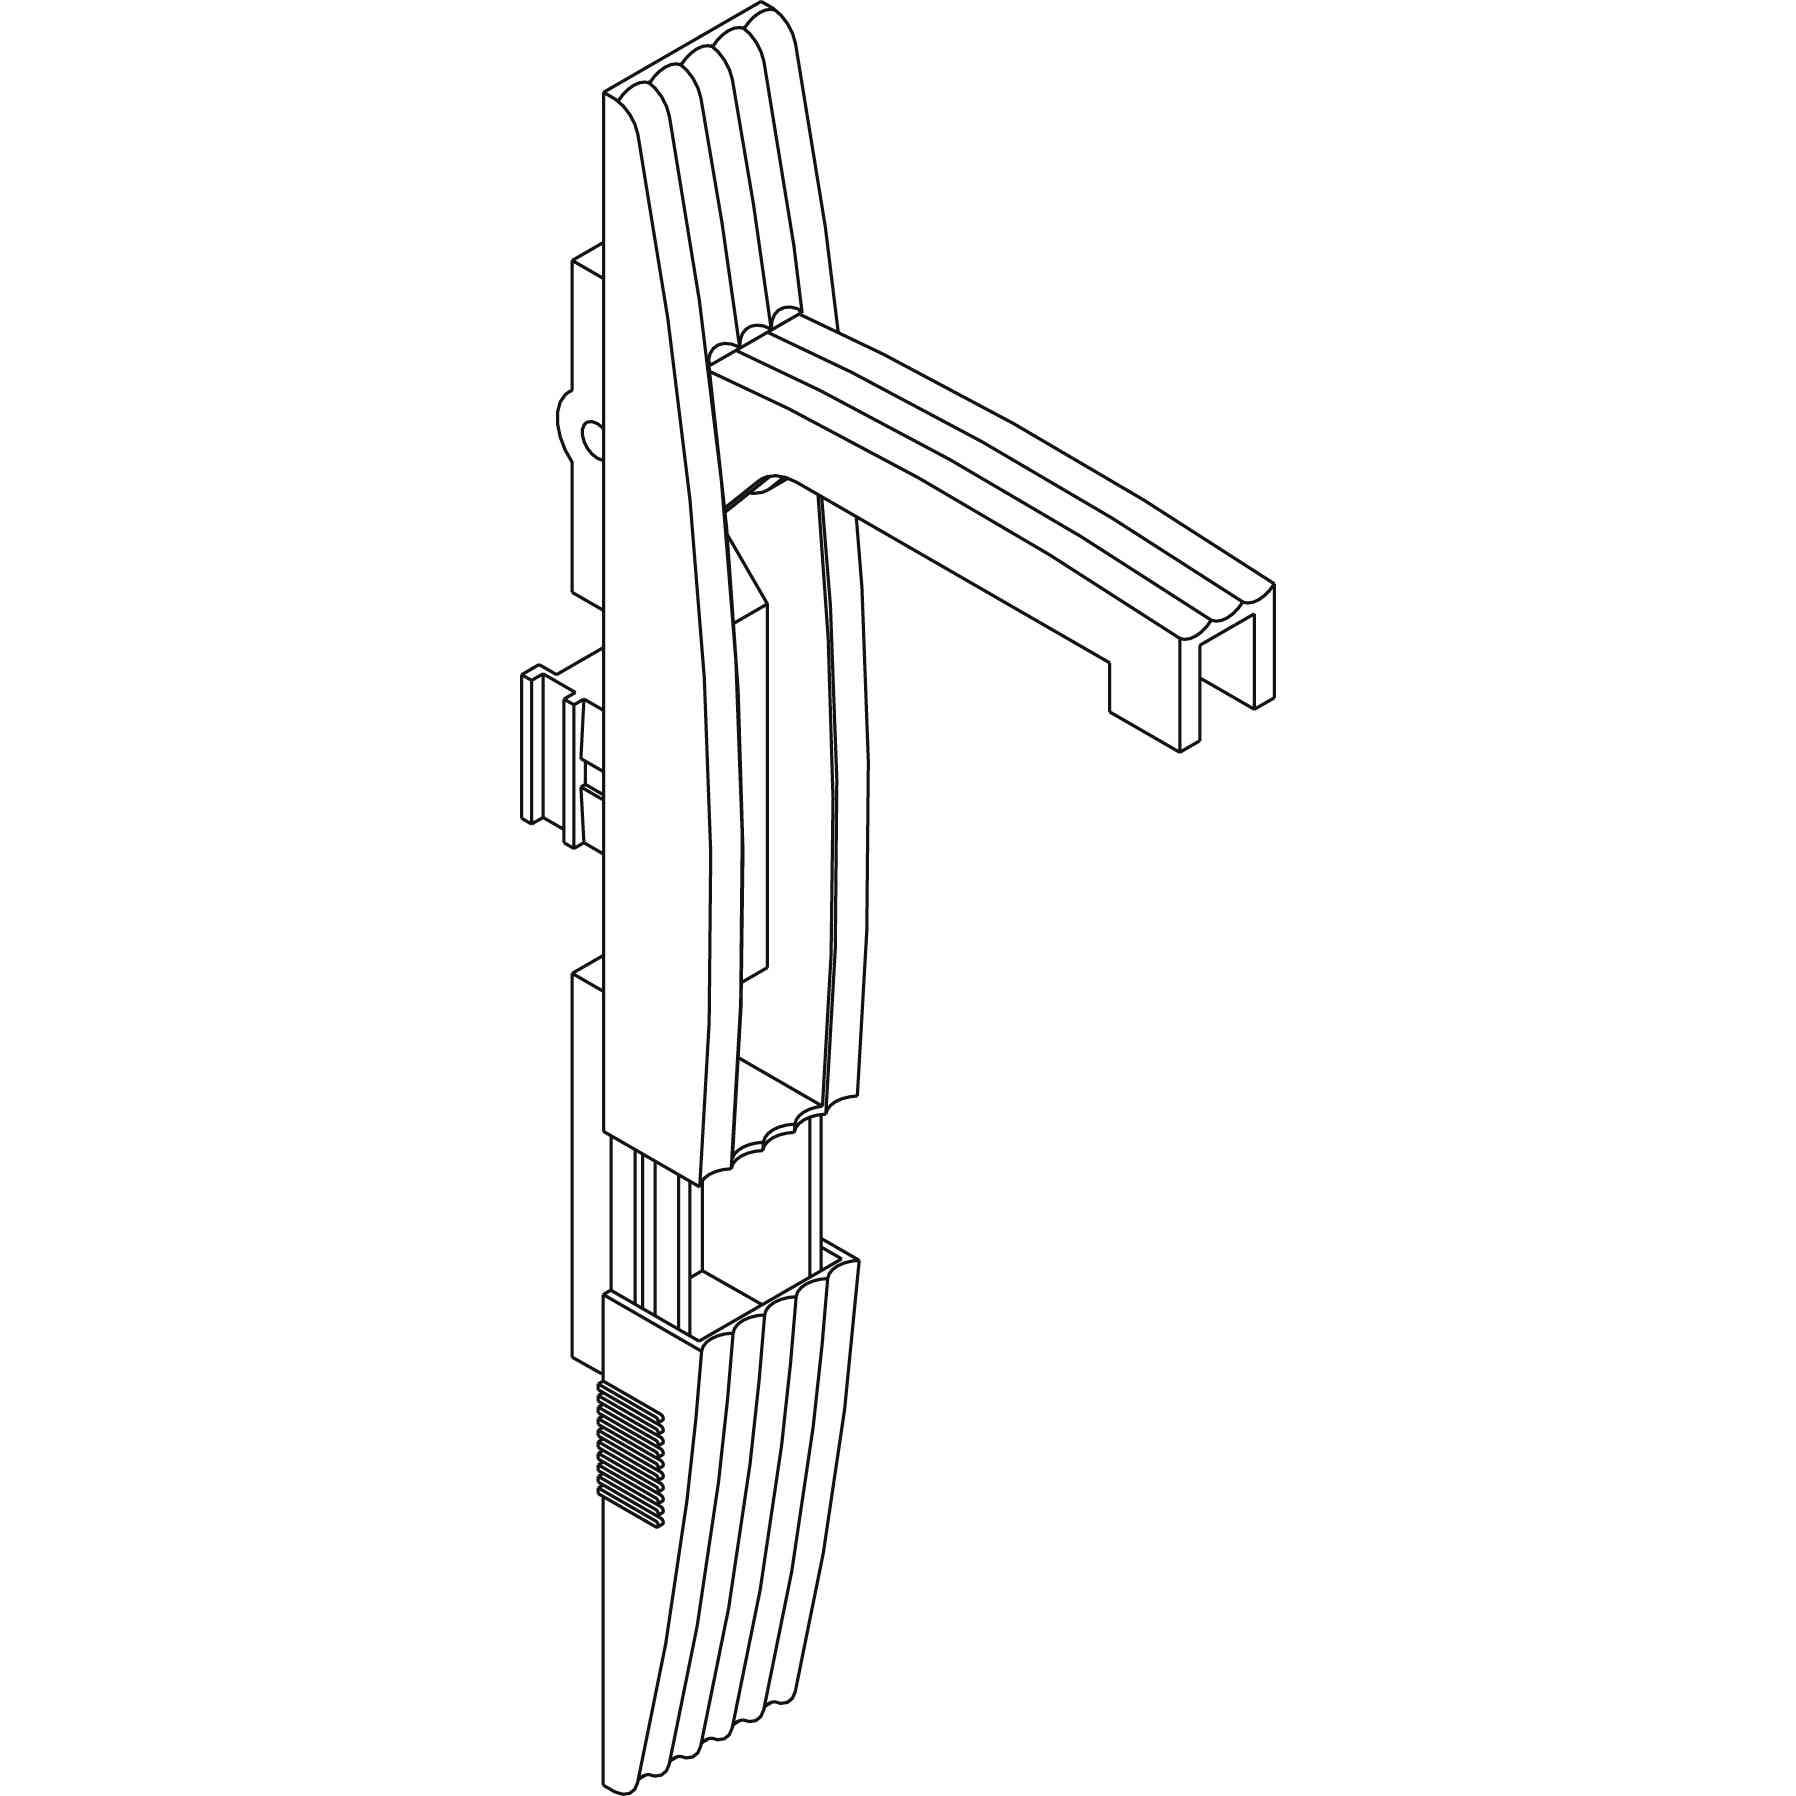 Poliamidni ročaj s ključavnico (brez vložka) za PLA - Ral 7035